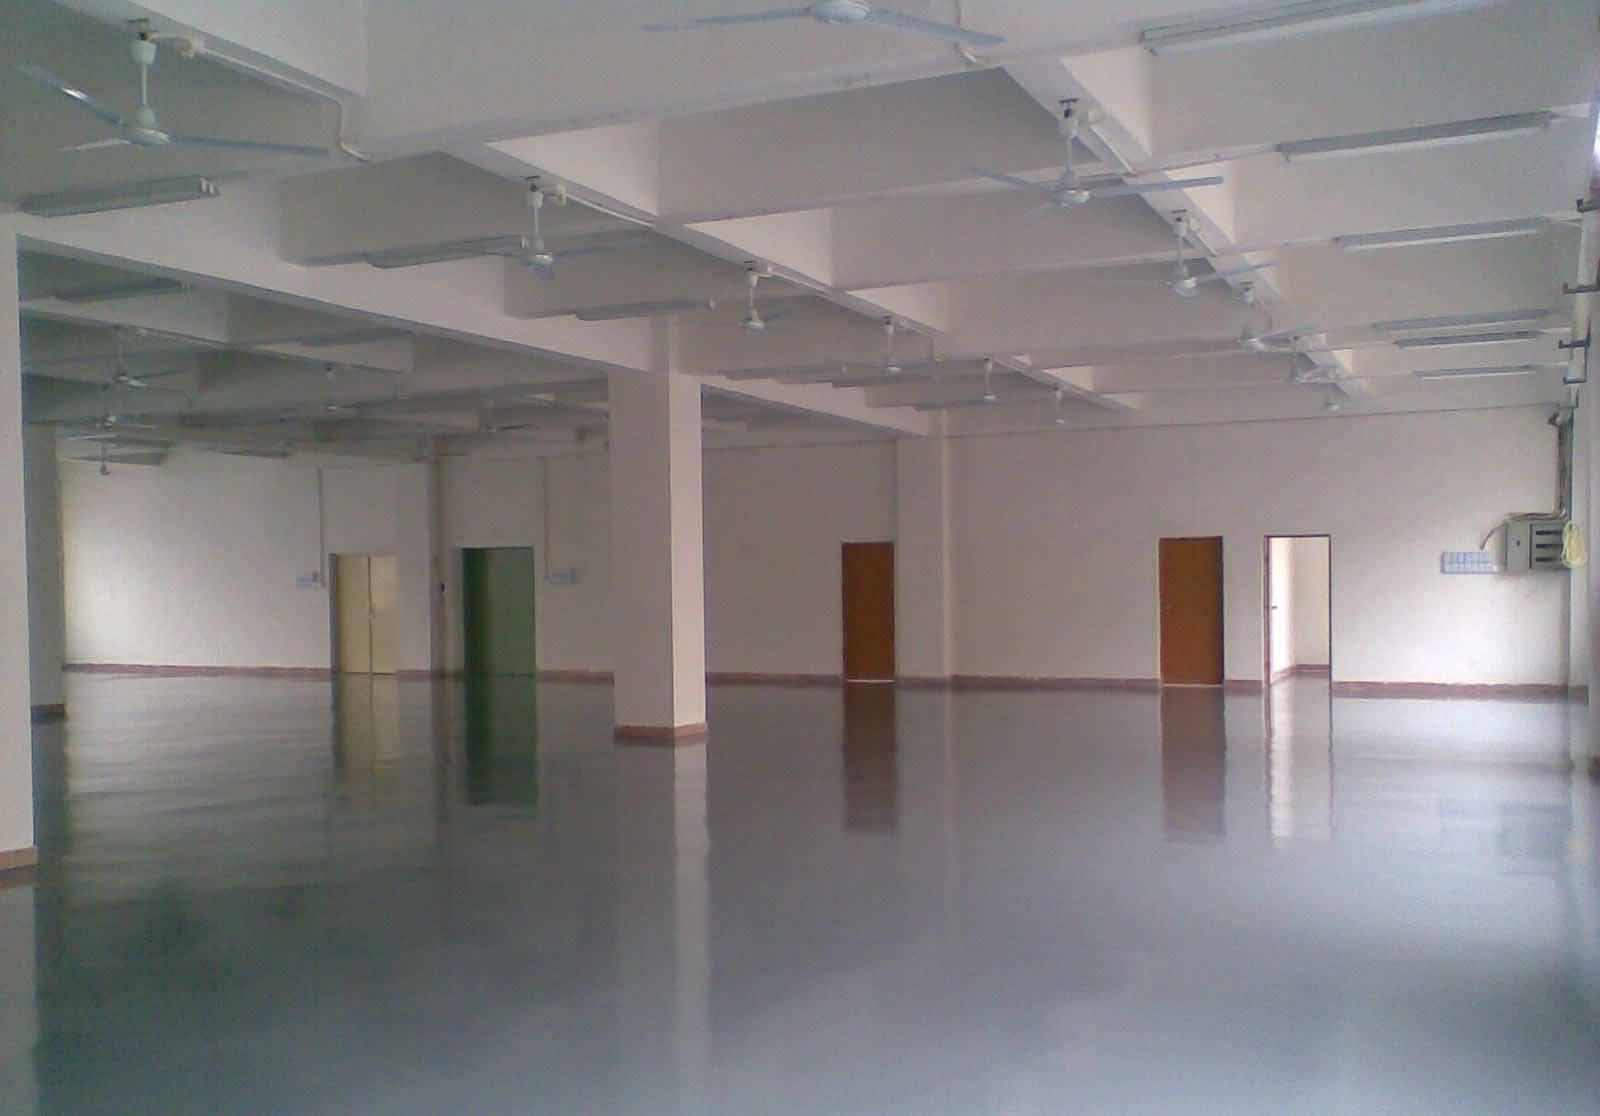 浦东新区专业厂房装修要多少钱,厂房装修